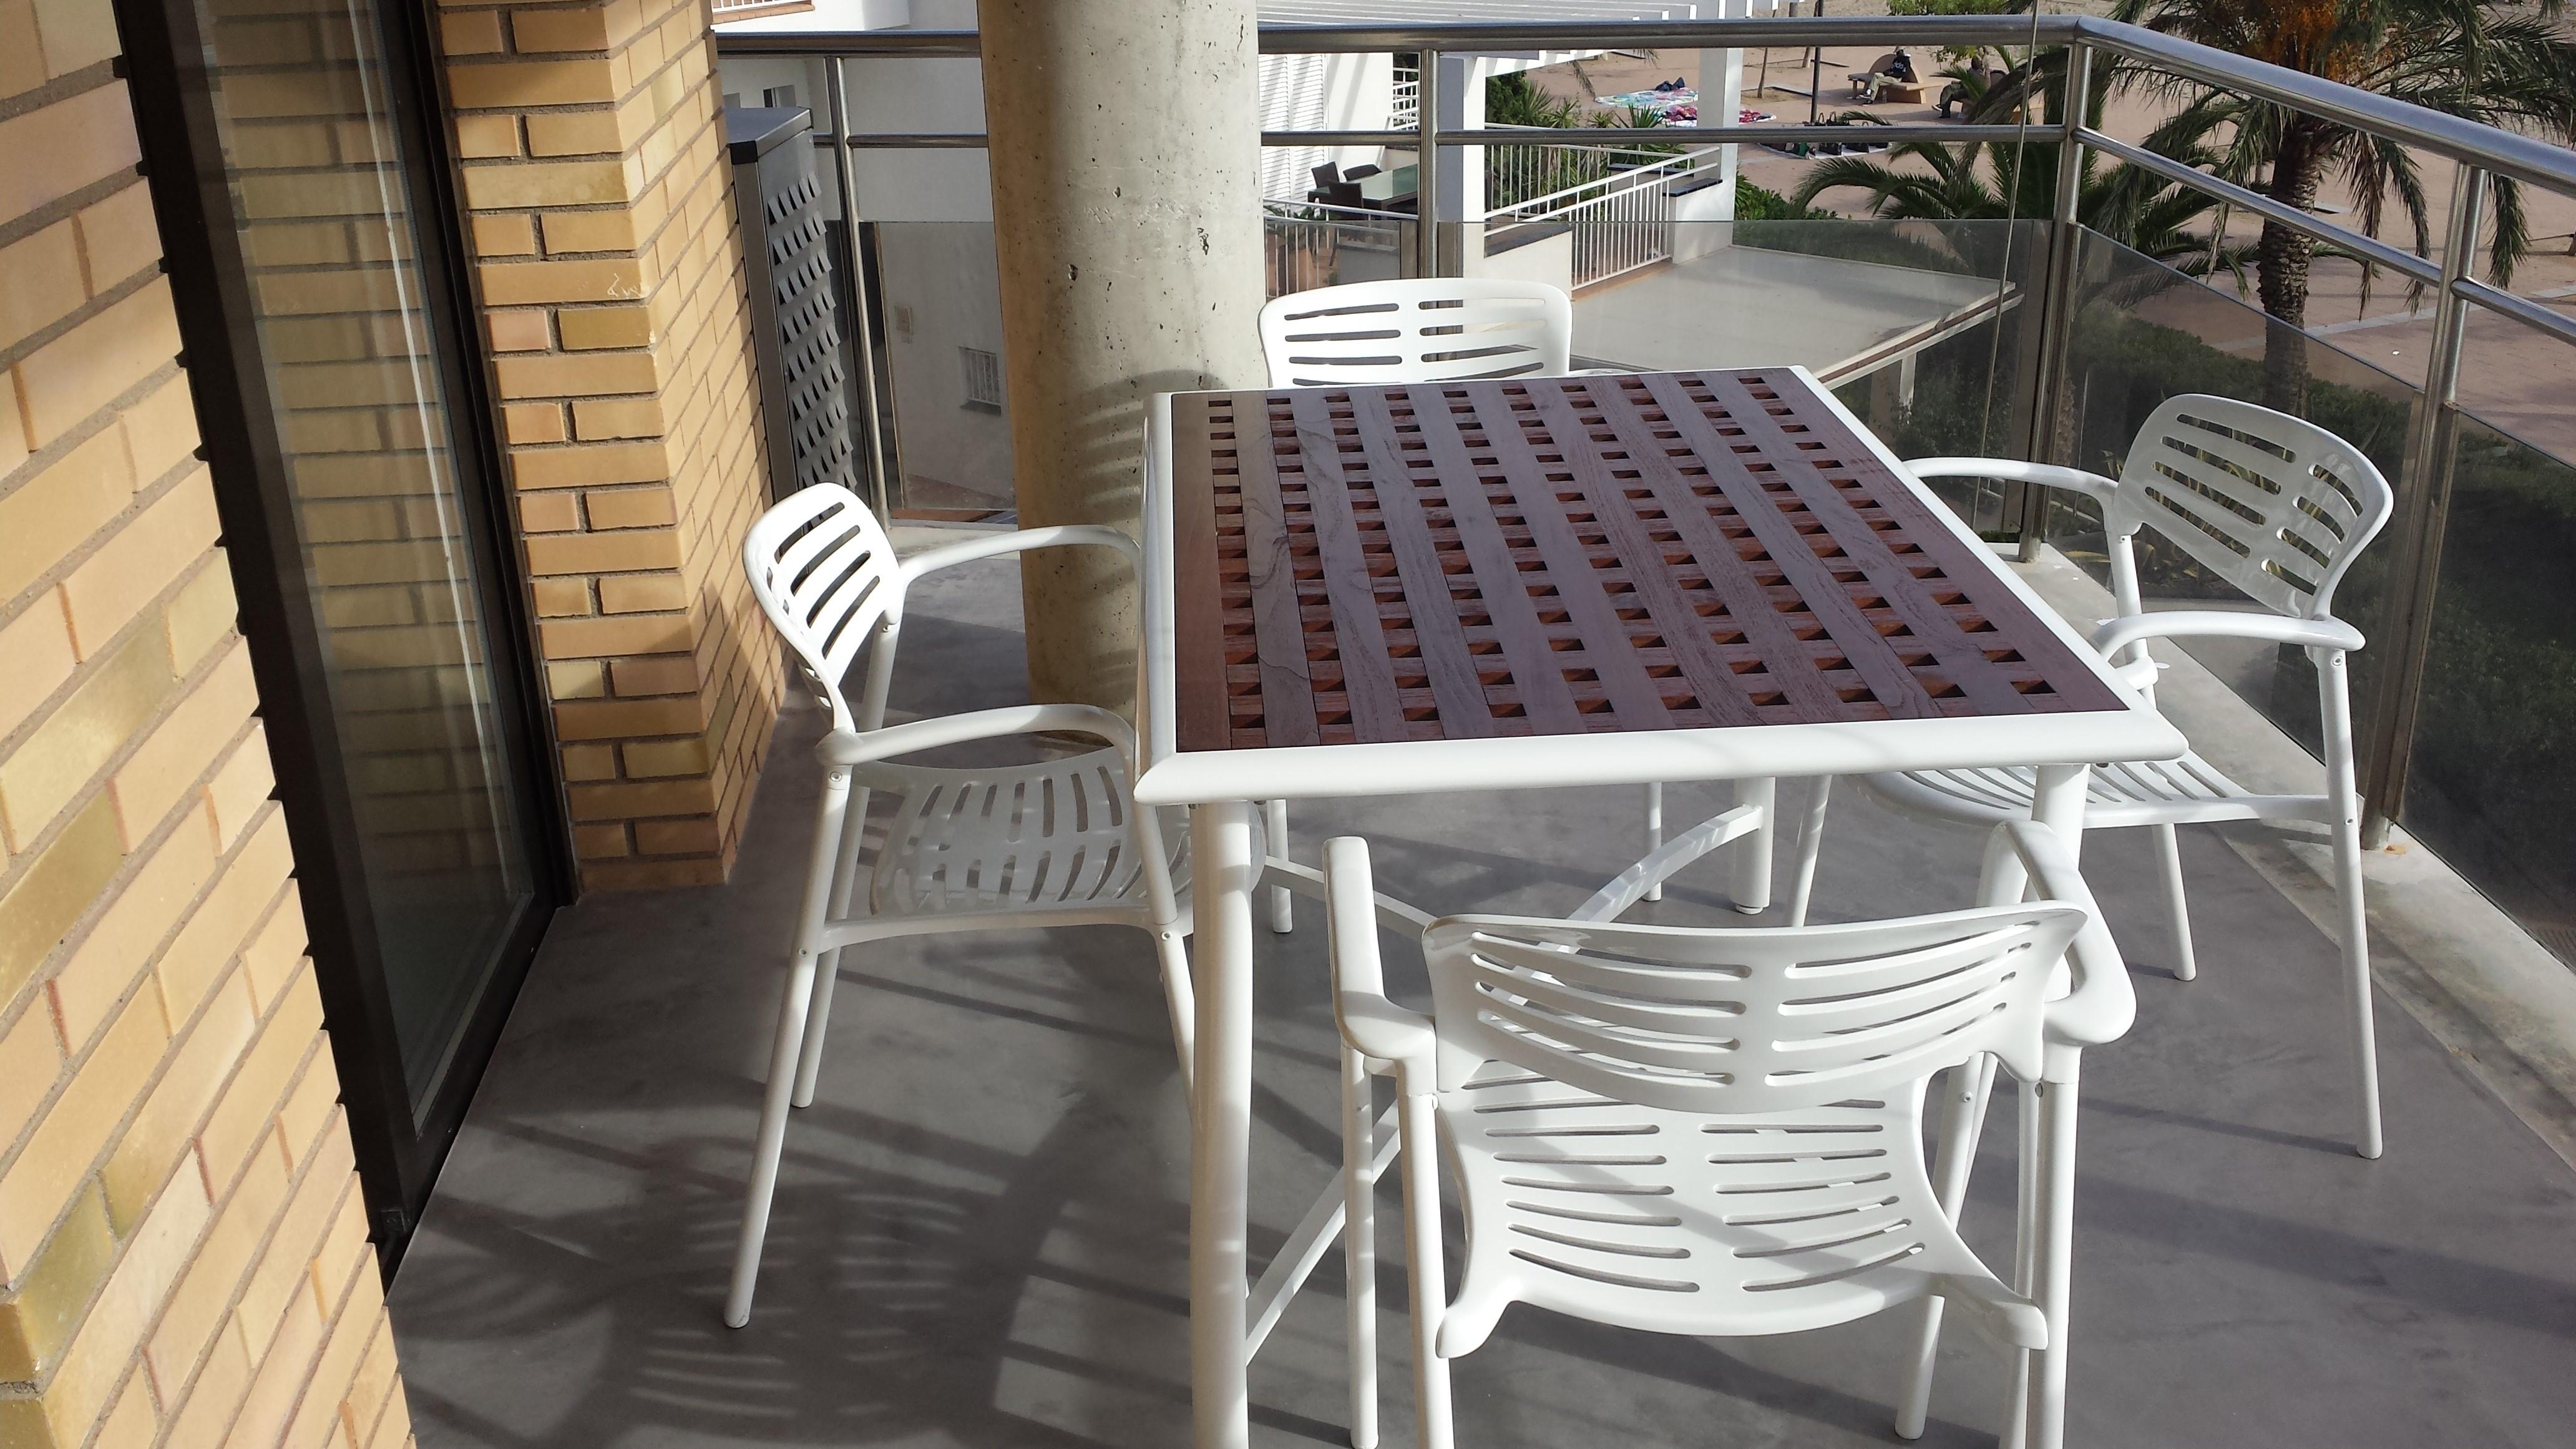 Mesa y sillas lacadas en blanco de jardín Roses(Girona)